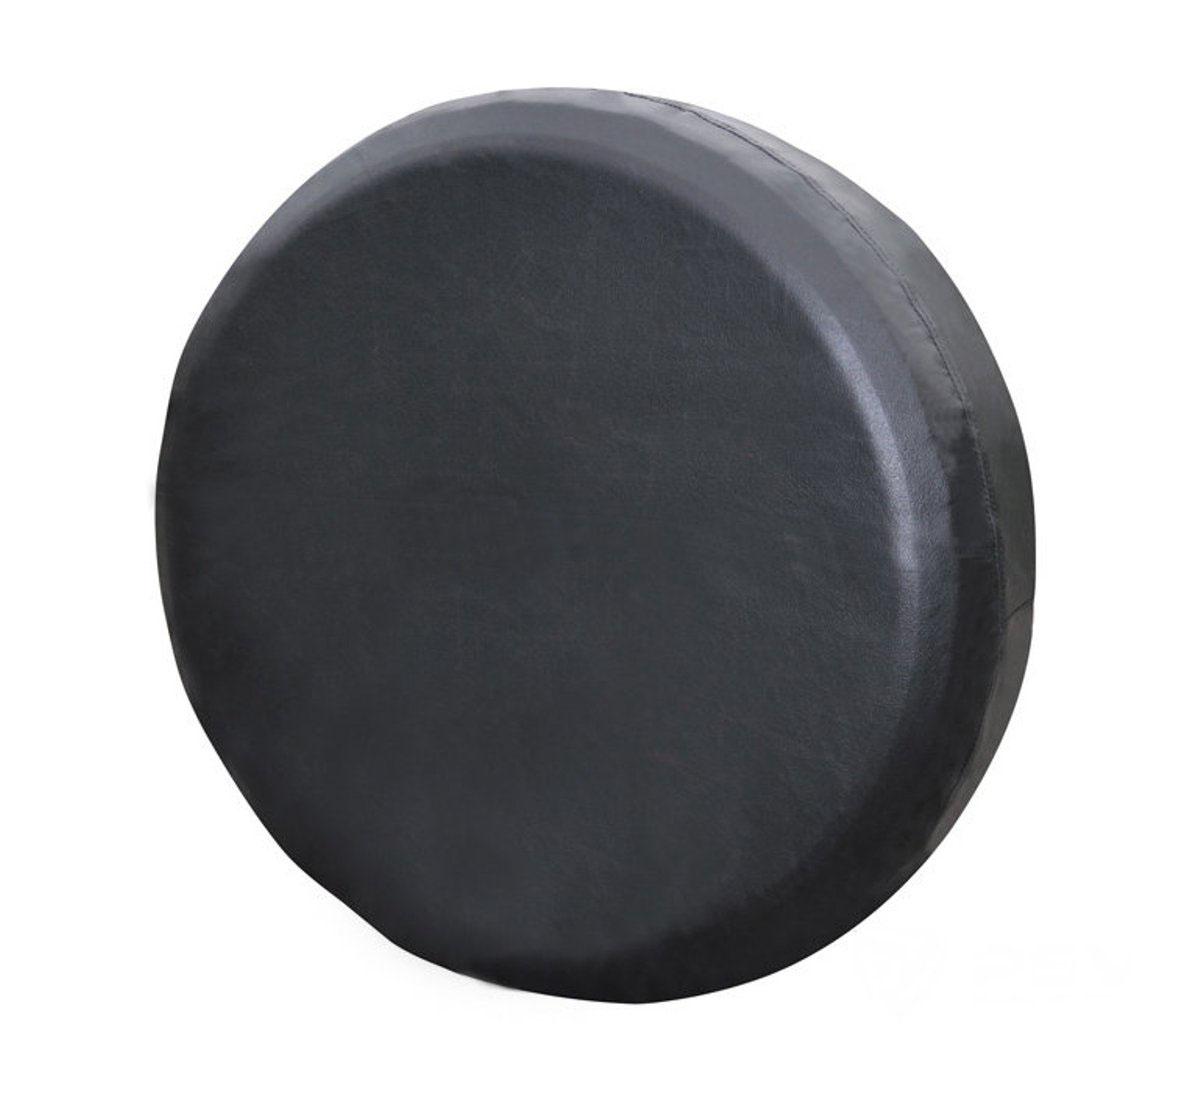 Чехол на запасное колесо Auto Premium, цвет: черный. Размер S (64-69 см)ст18фЧехол на запасное колесо автомобиля Auto Premium, выполненный из высококачественной экокожи, прекрасно охранит запаску от негативного влияния погодных условий: пыль грязь, дождь. При этом чехол он не потрескается на морозе. Крепится с помощью шнурка.Диаметр колеса: 64-69 см.